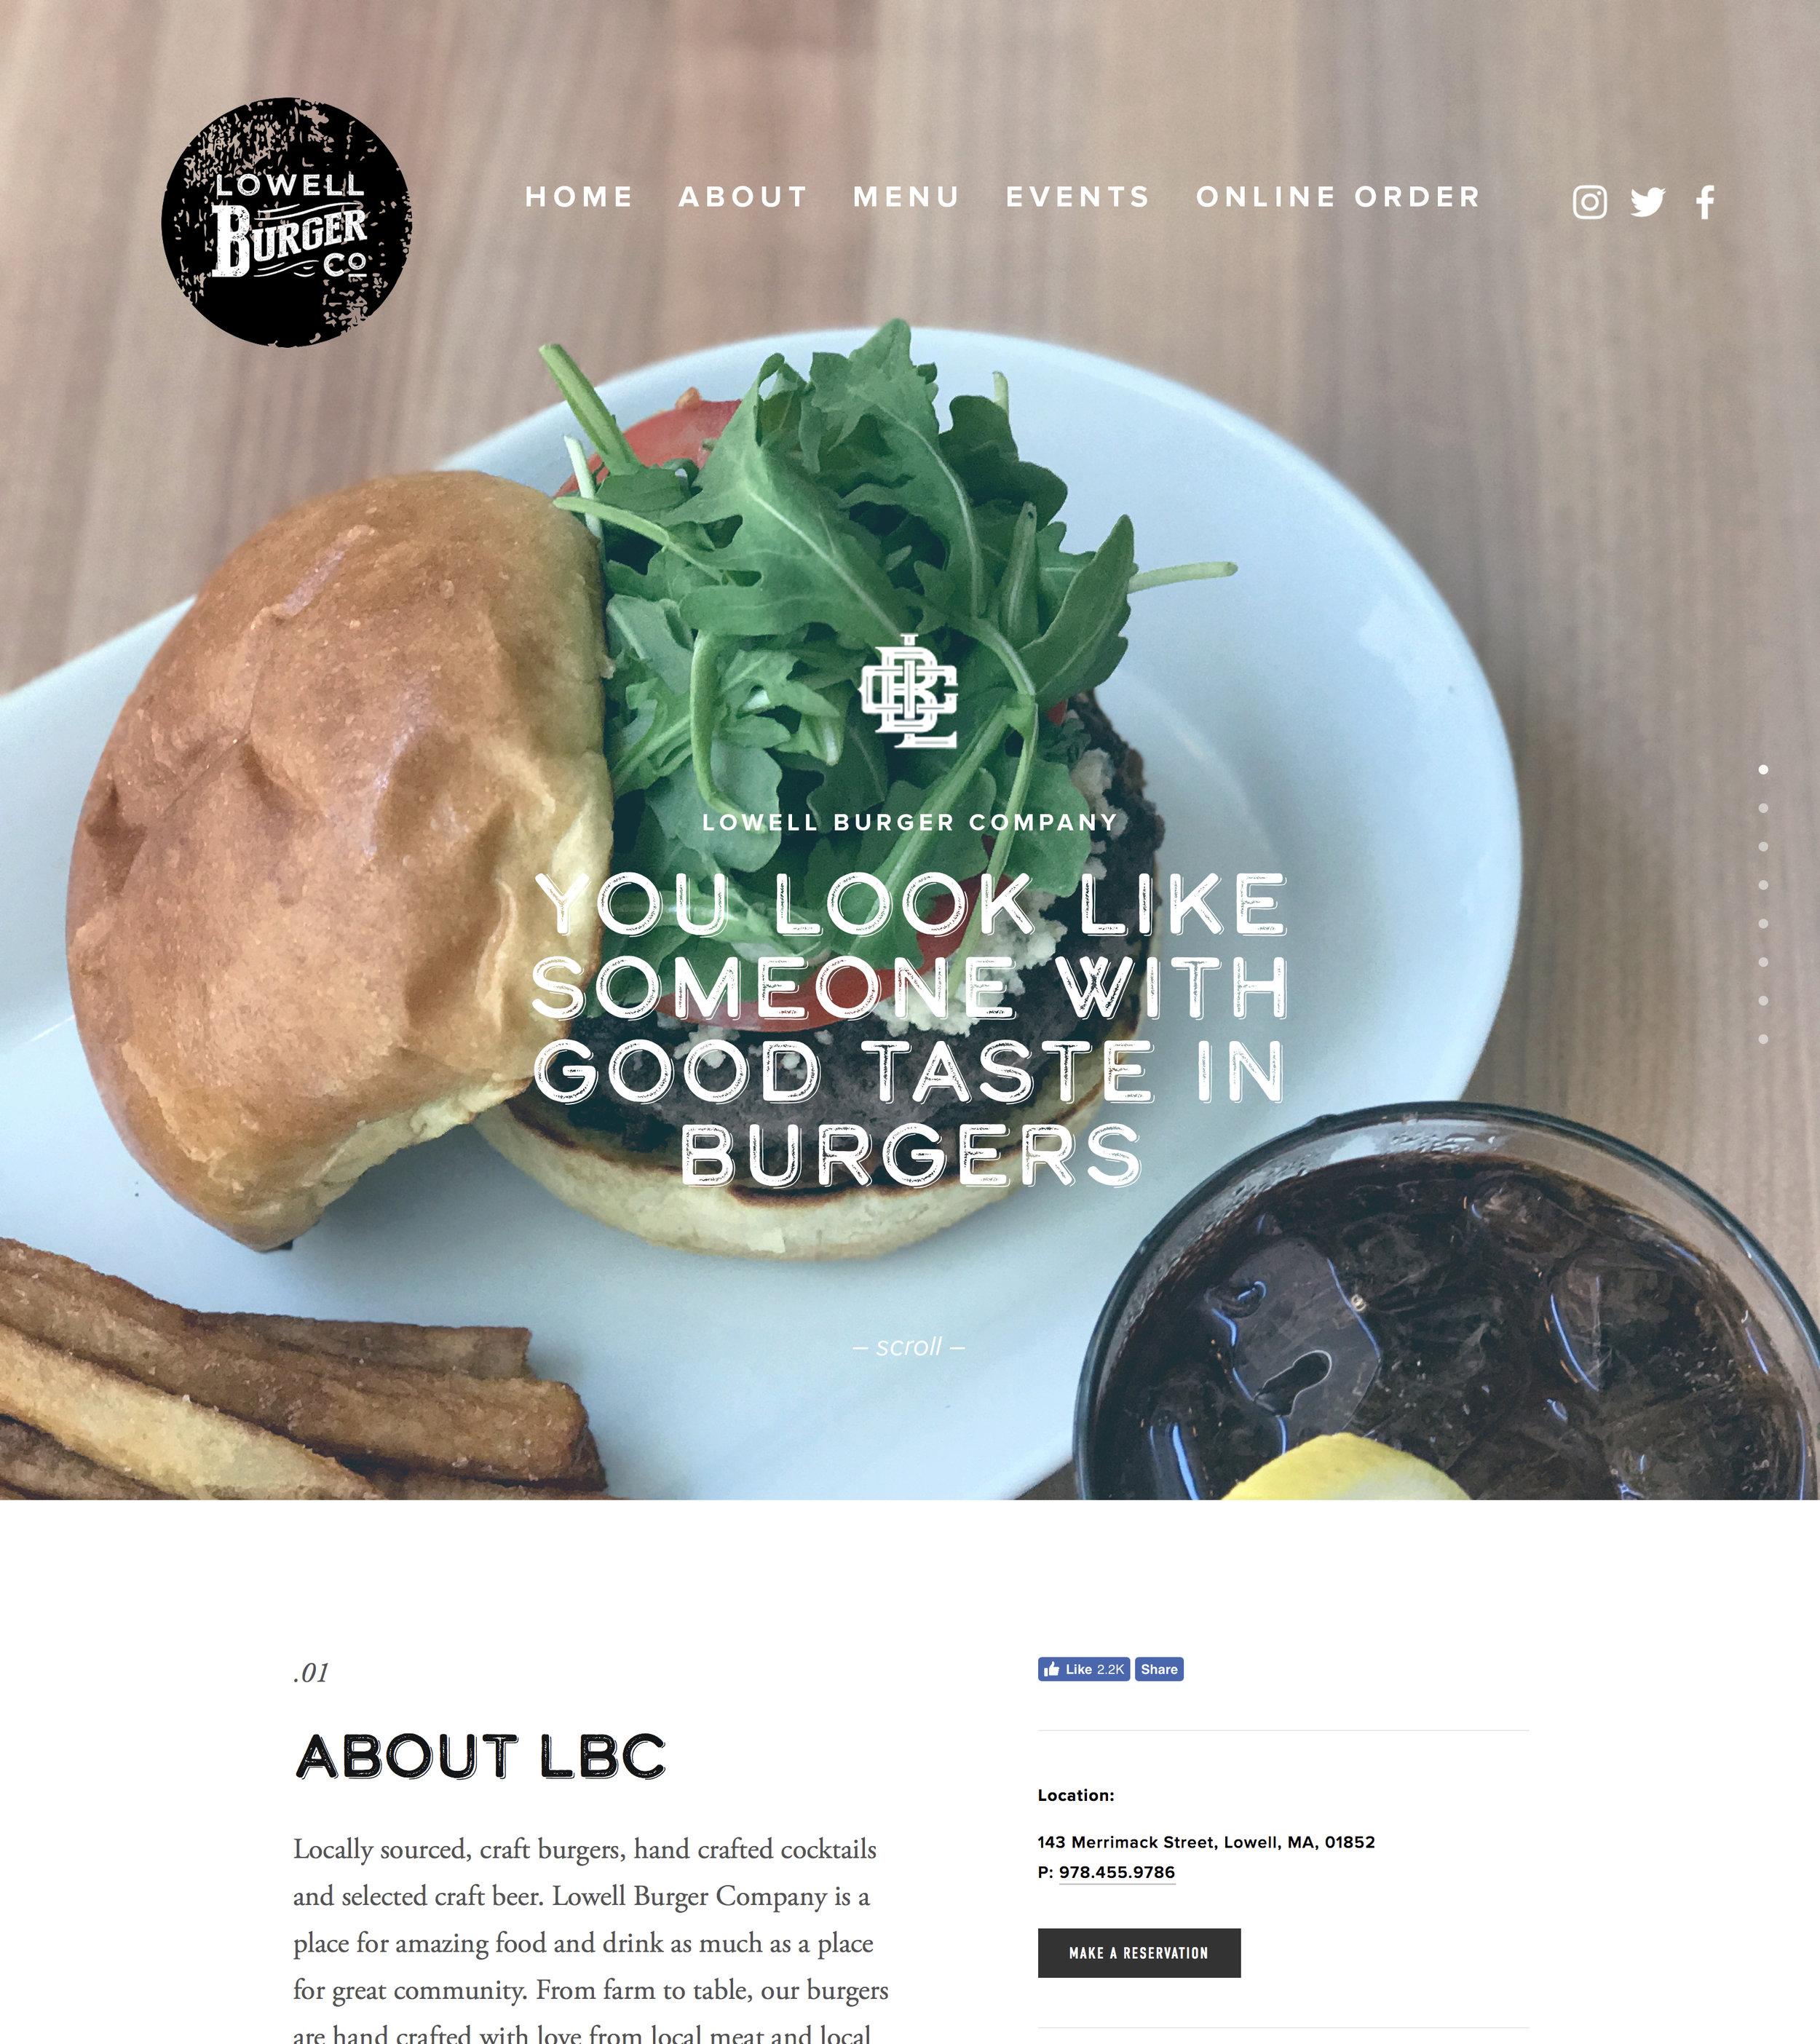 LBC-homepage-example-2018.jpg